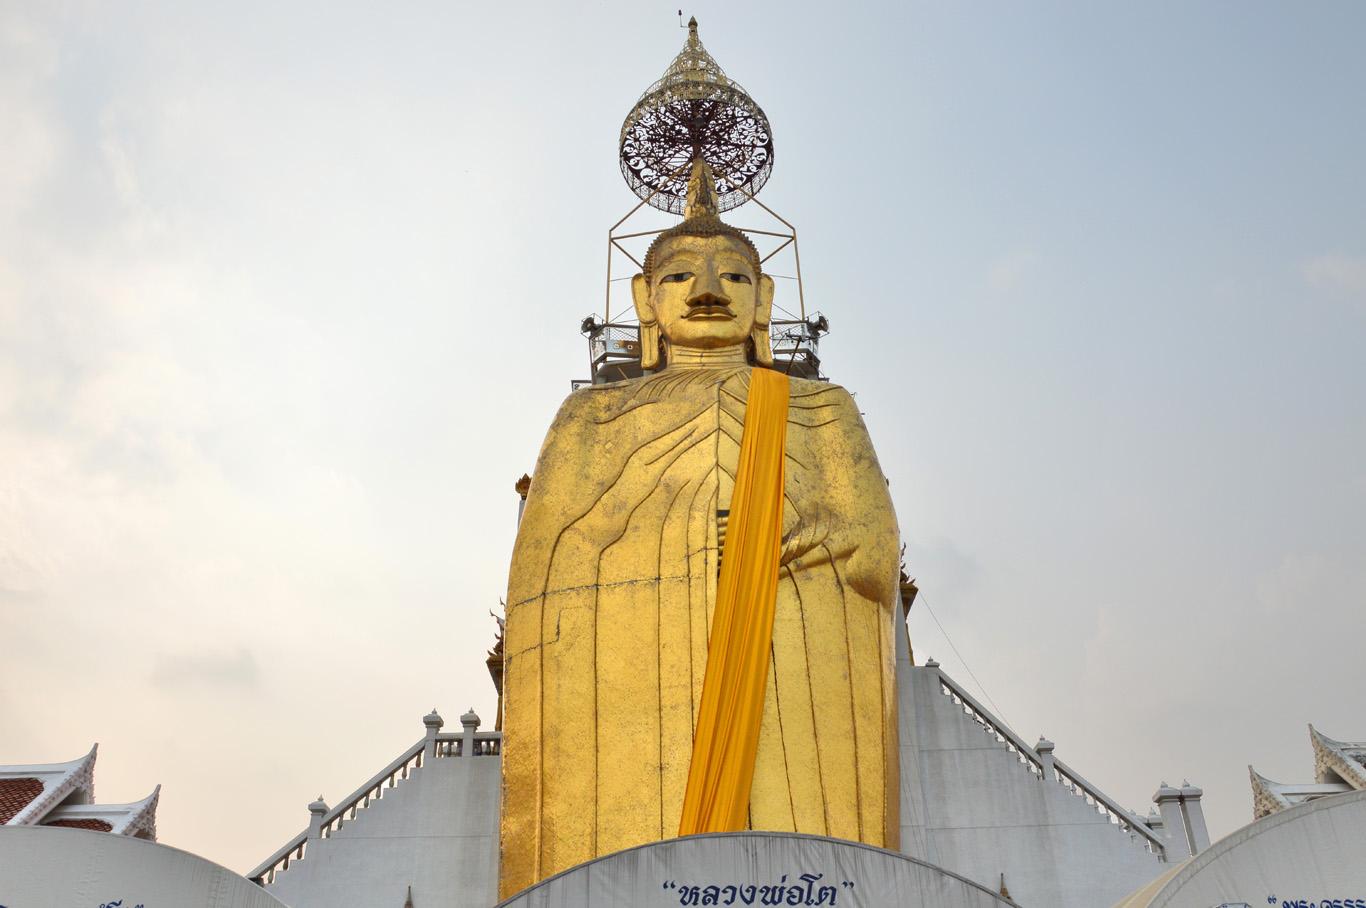 Buddha Statue at Wat Intharawihan